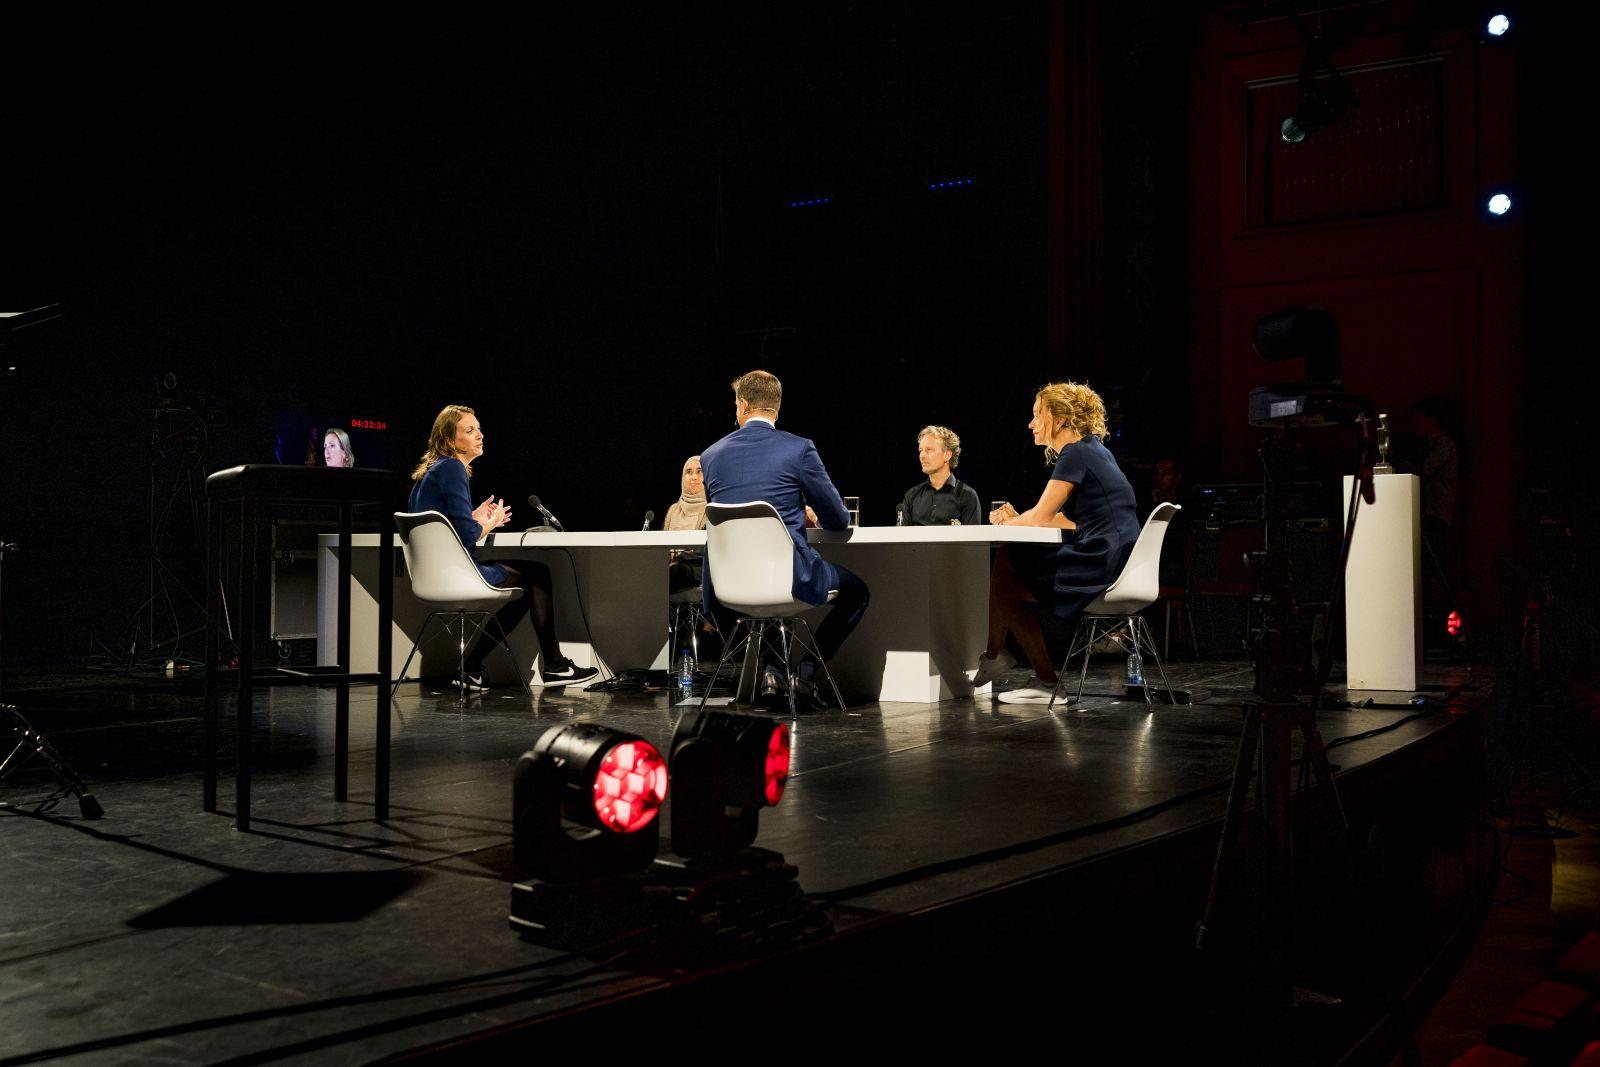 Opening Haags Onderwijsjaar 2020 - Digitale uitzending